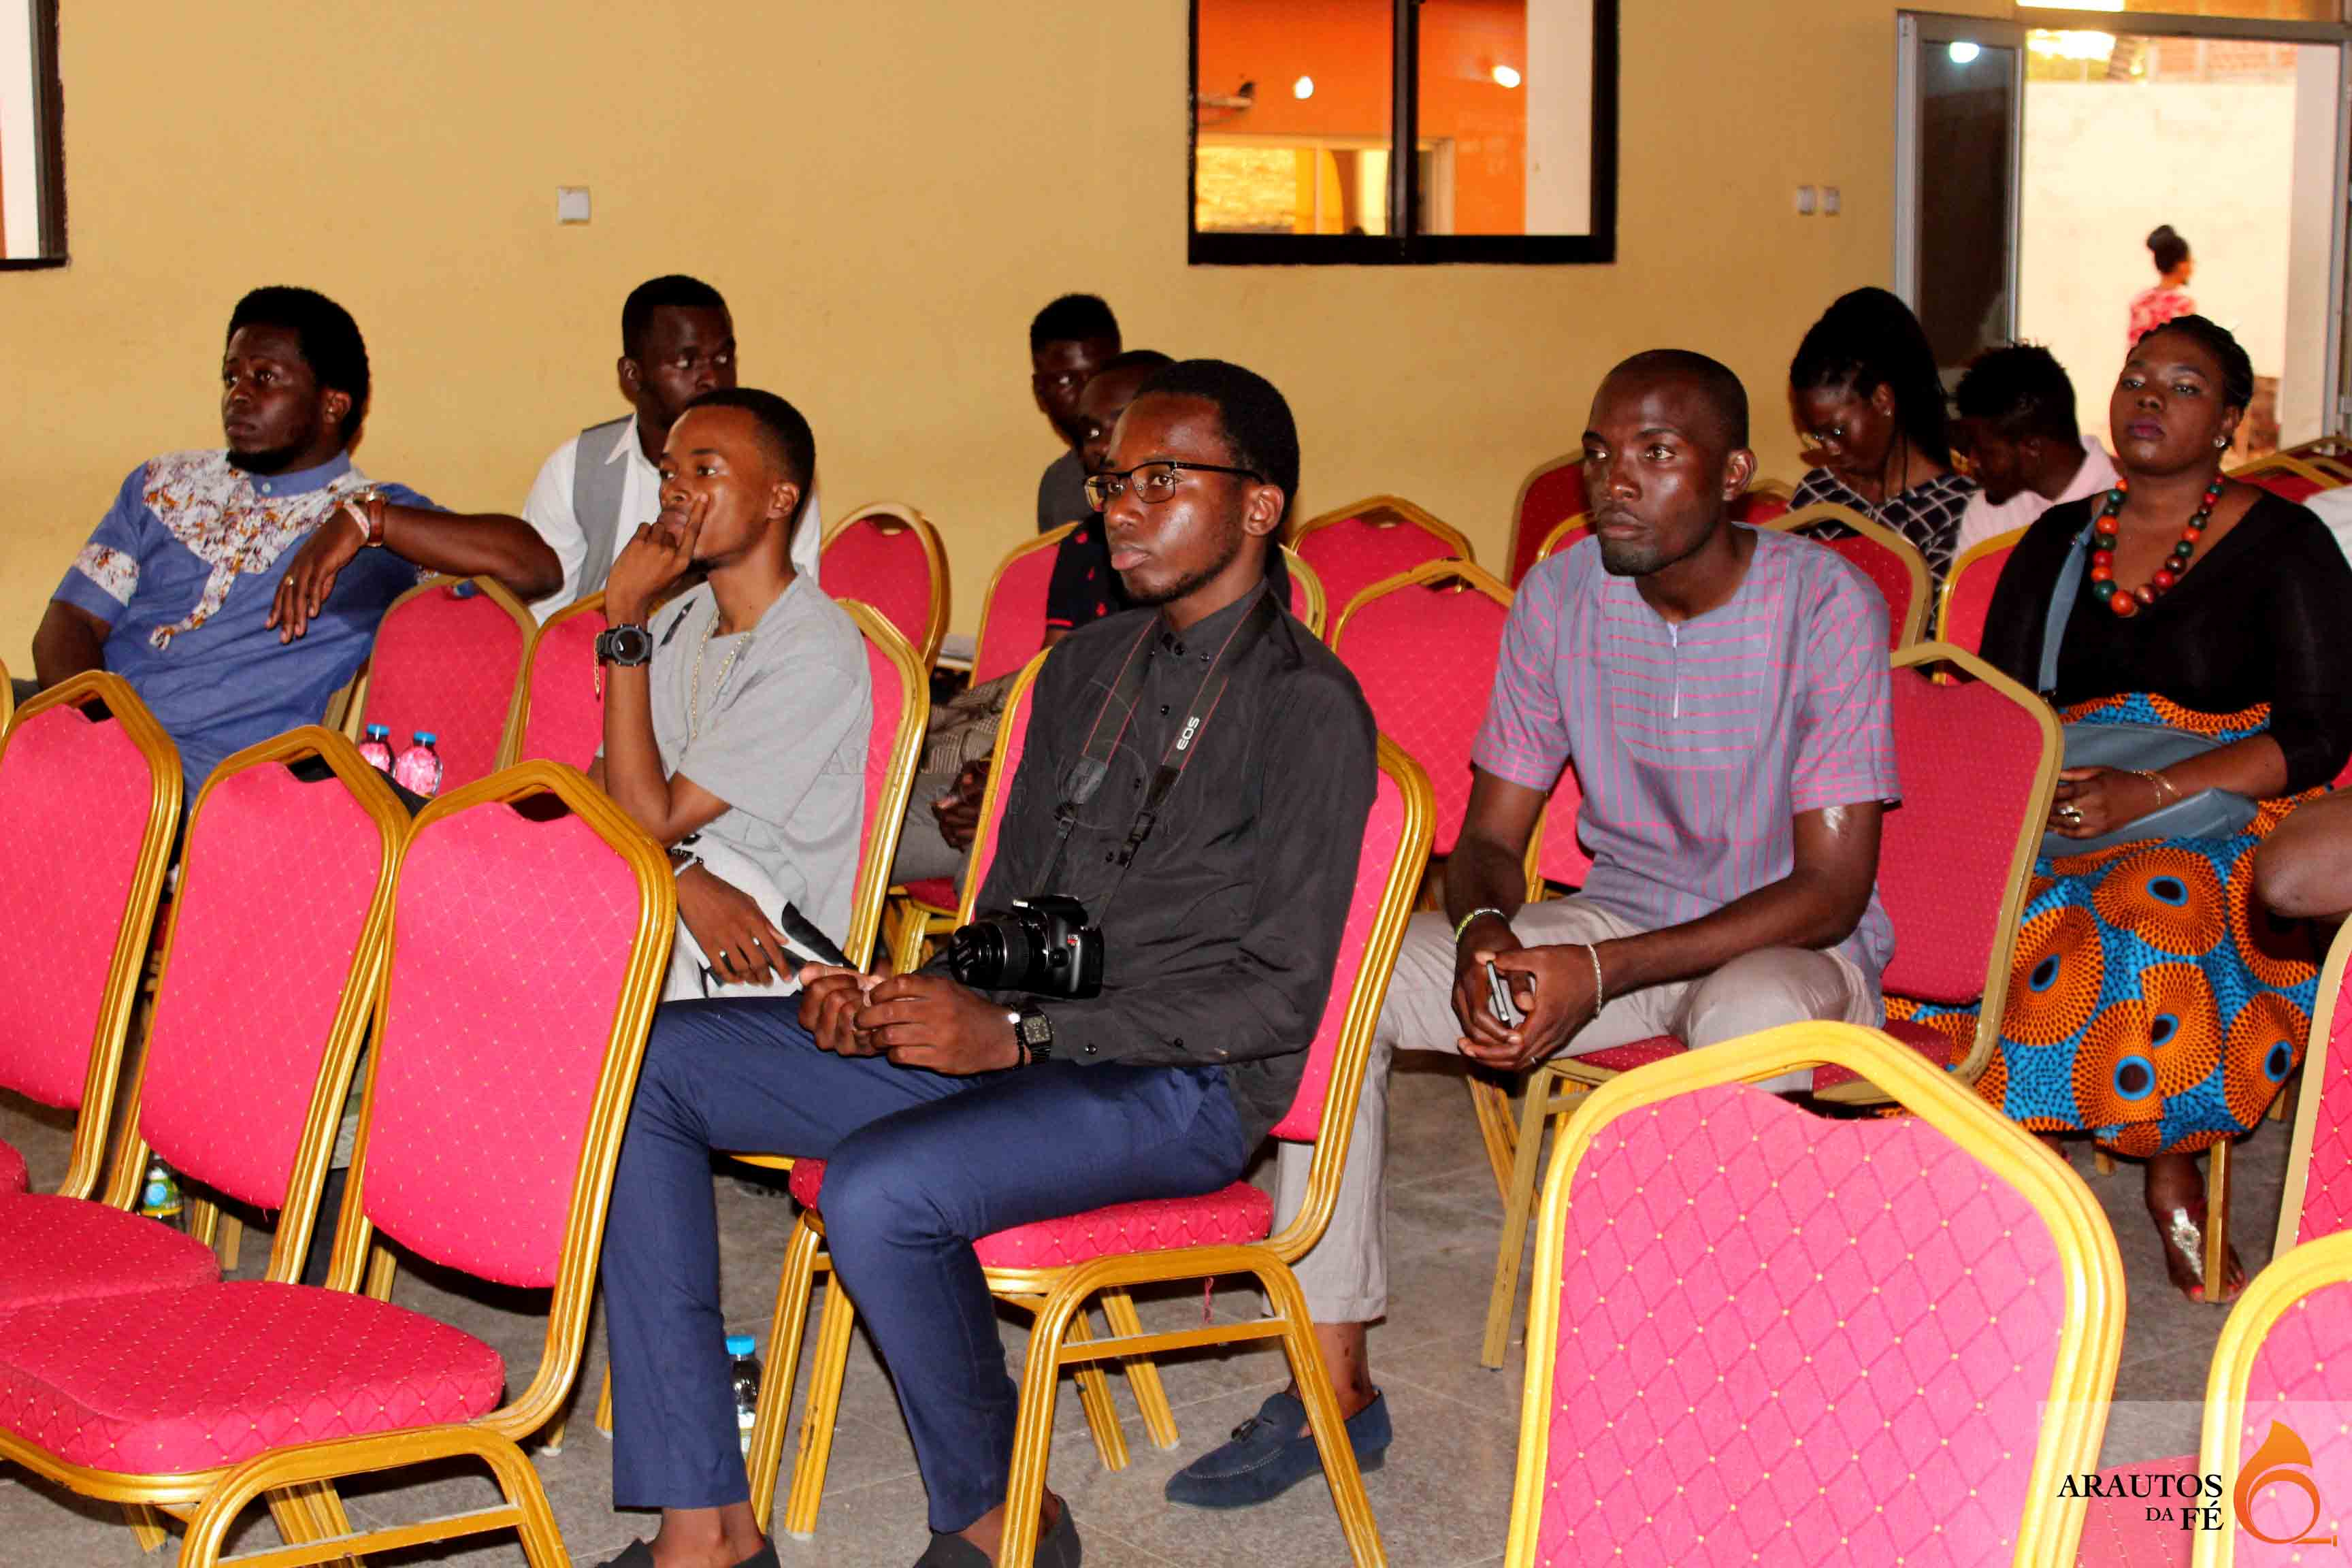 Músicos evangélicos assistiram a cerimónia de apresentação de mais um portal evangélico.